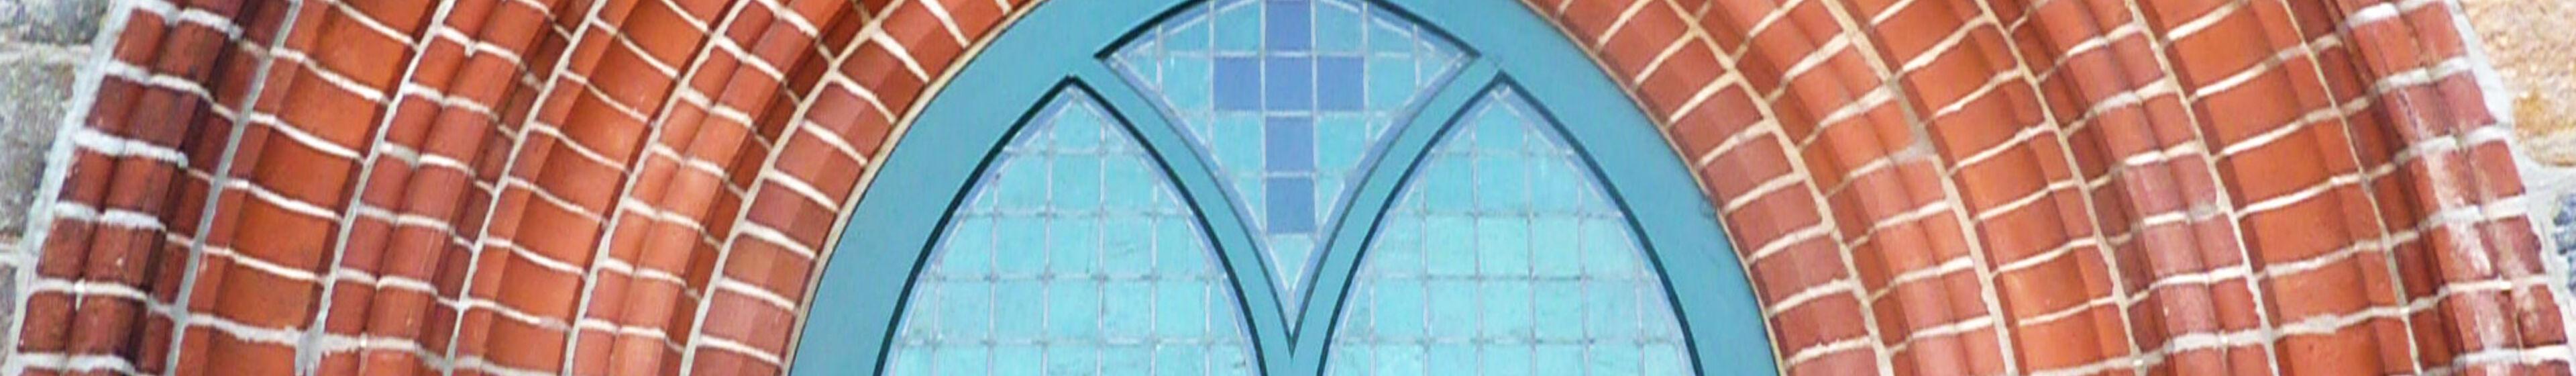 dahlenburg kirchentuer kopfbild